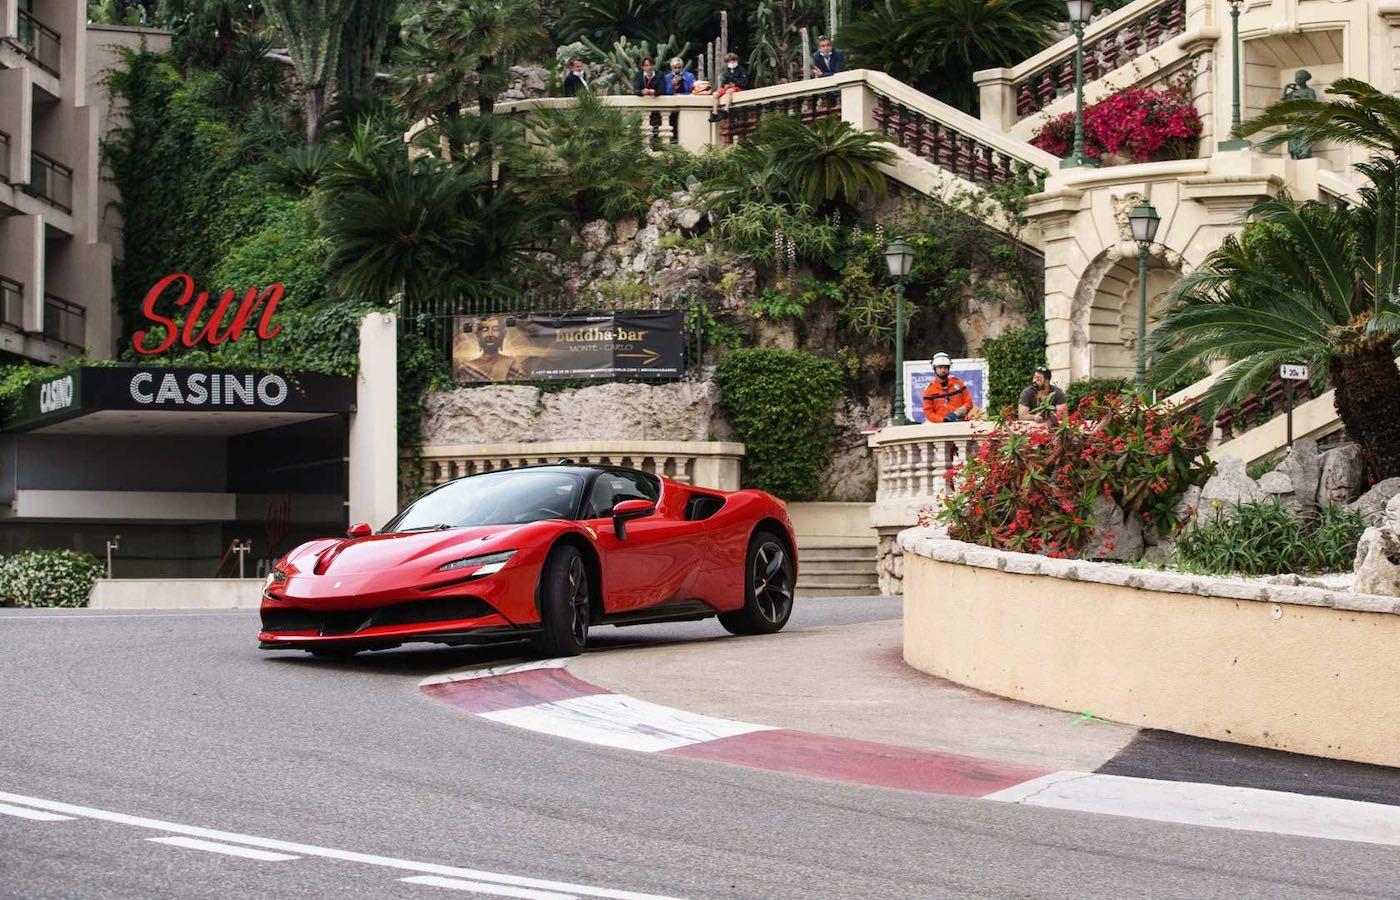 Ferrari presenta un video tease de la grabación del remake de la famosa película francesa 'Le Grande Rendez-vous'